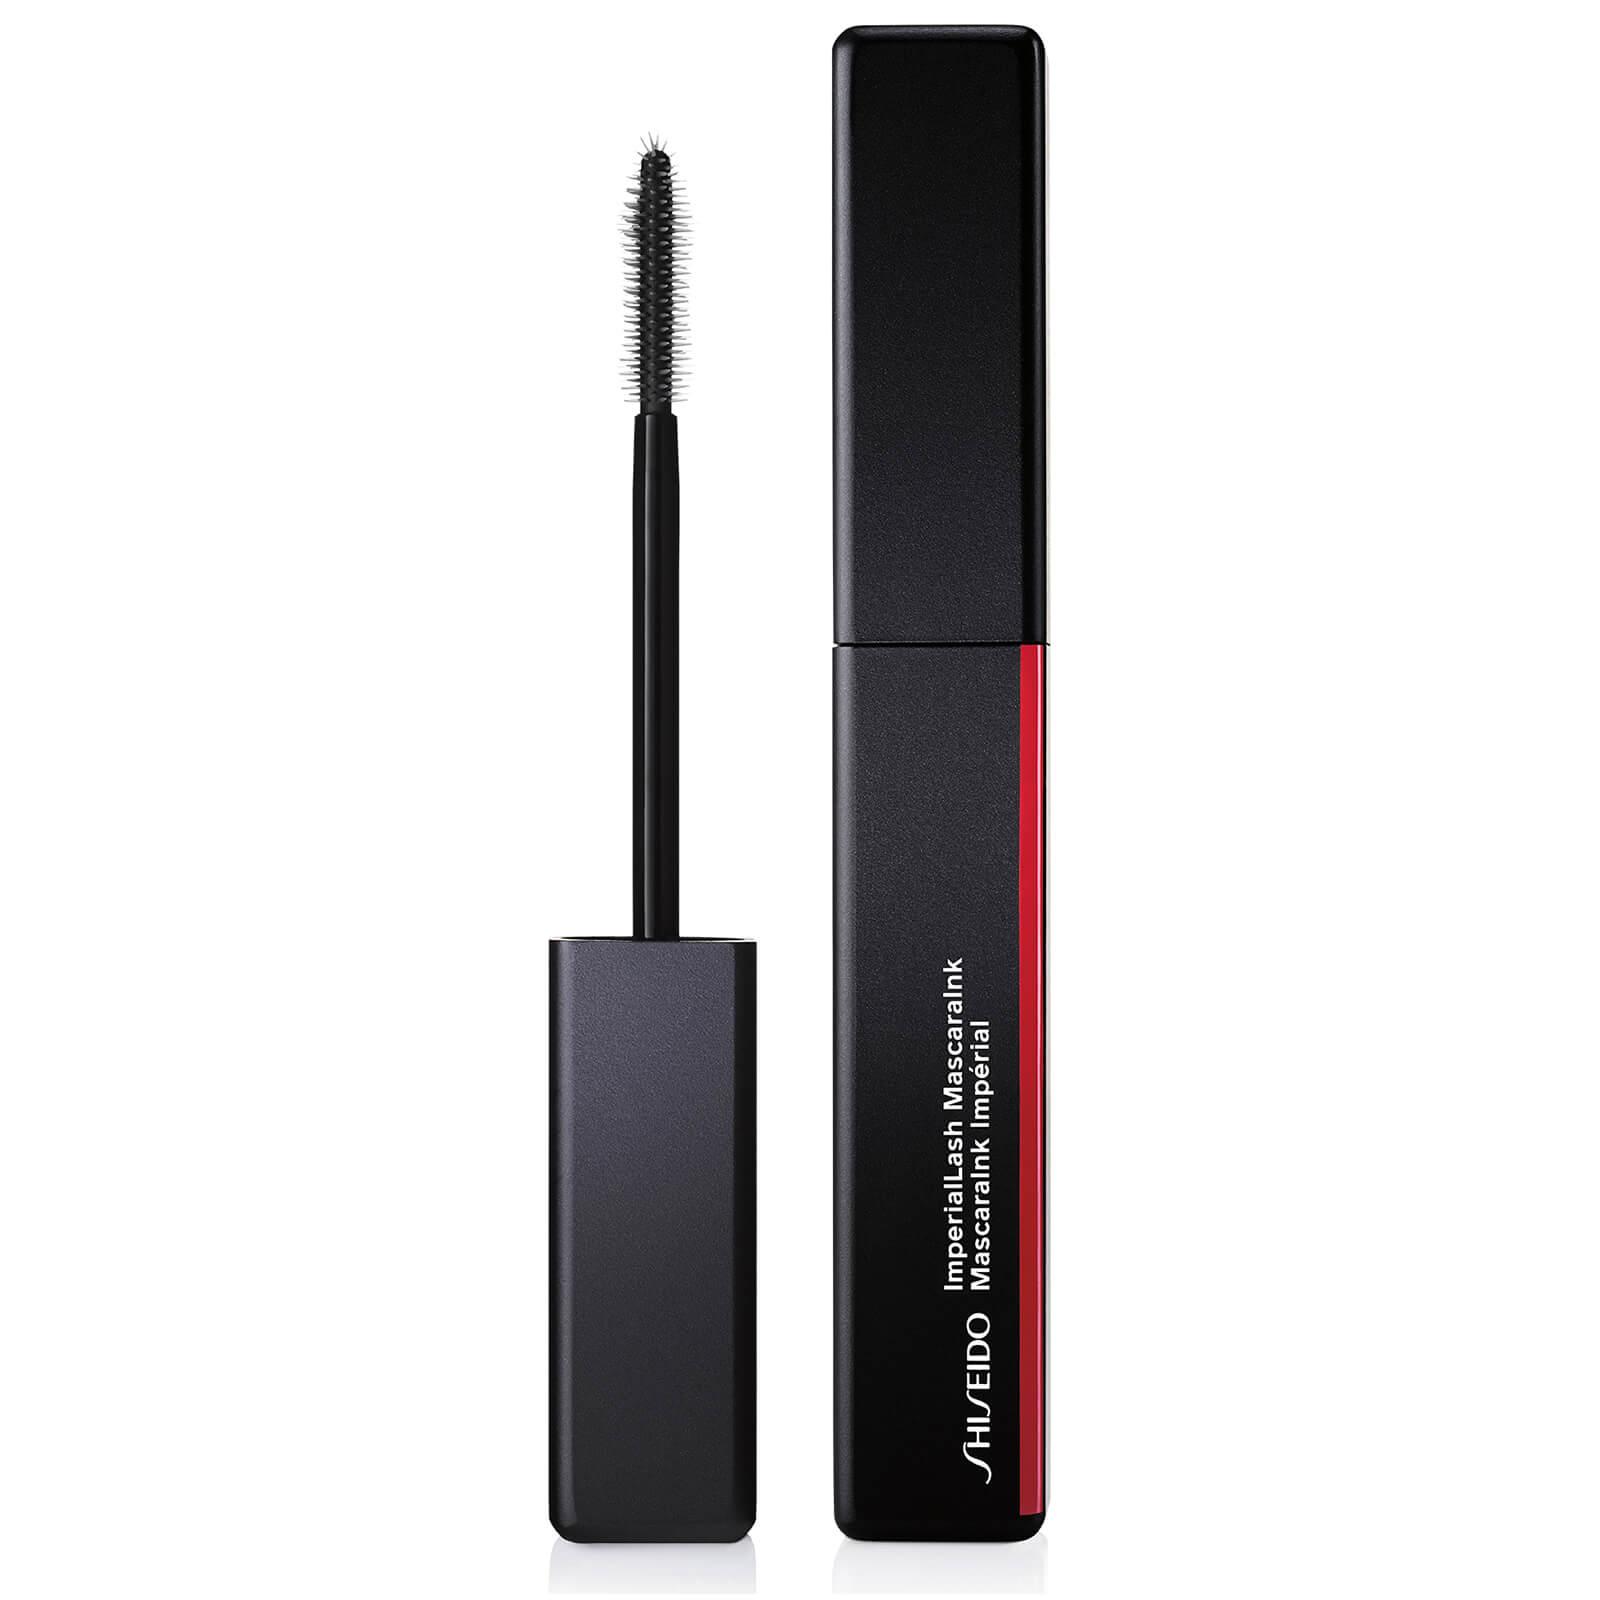 Купить Тушь-Империал MascaraInk: длина, объем, разделение Shiseido ImperialLash MascaraInk - Sumi Black 01